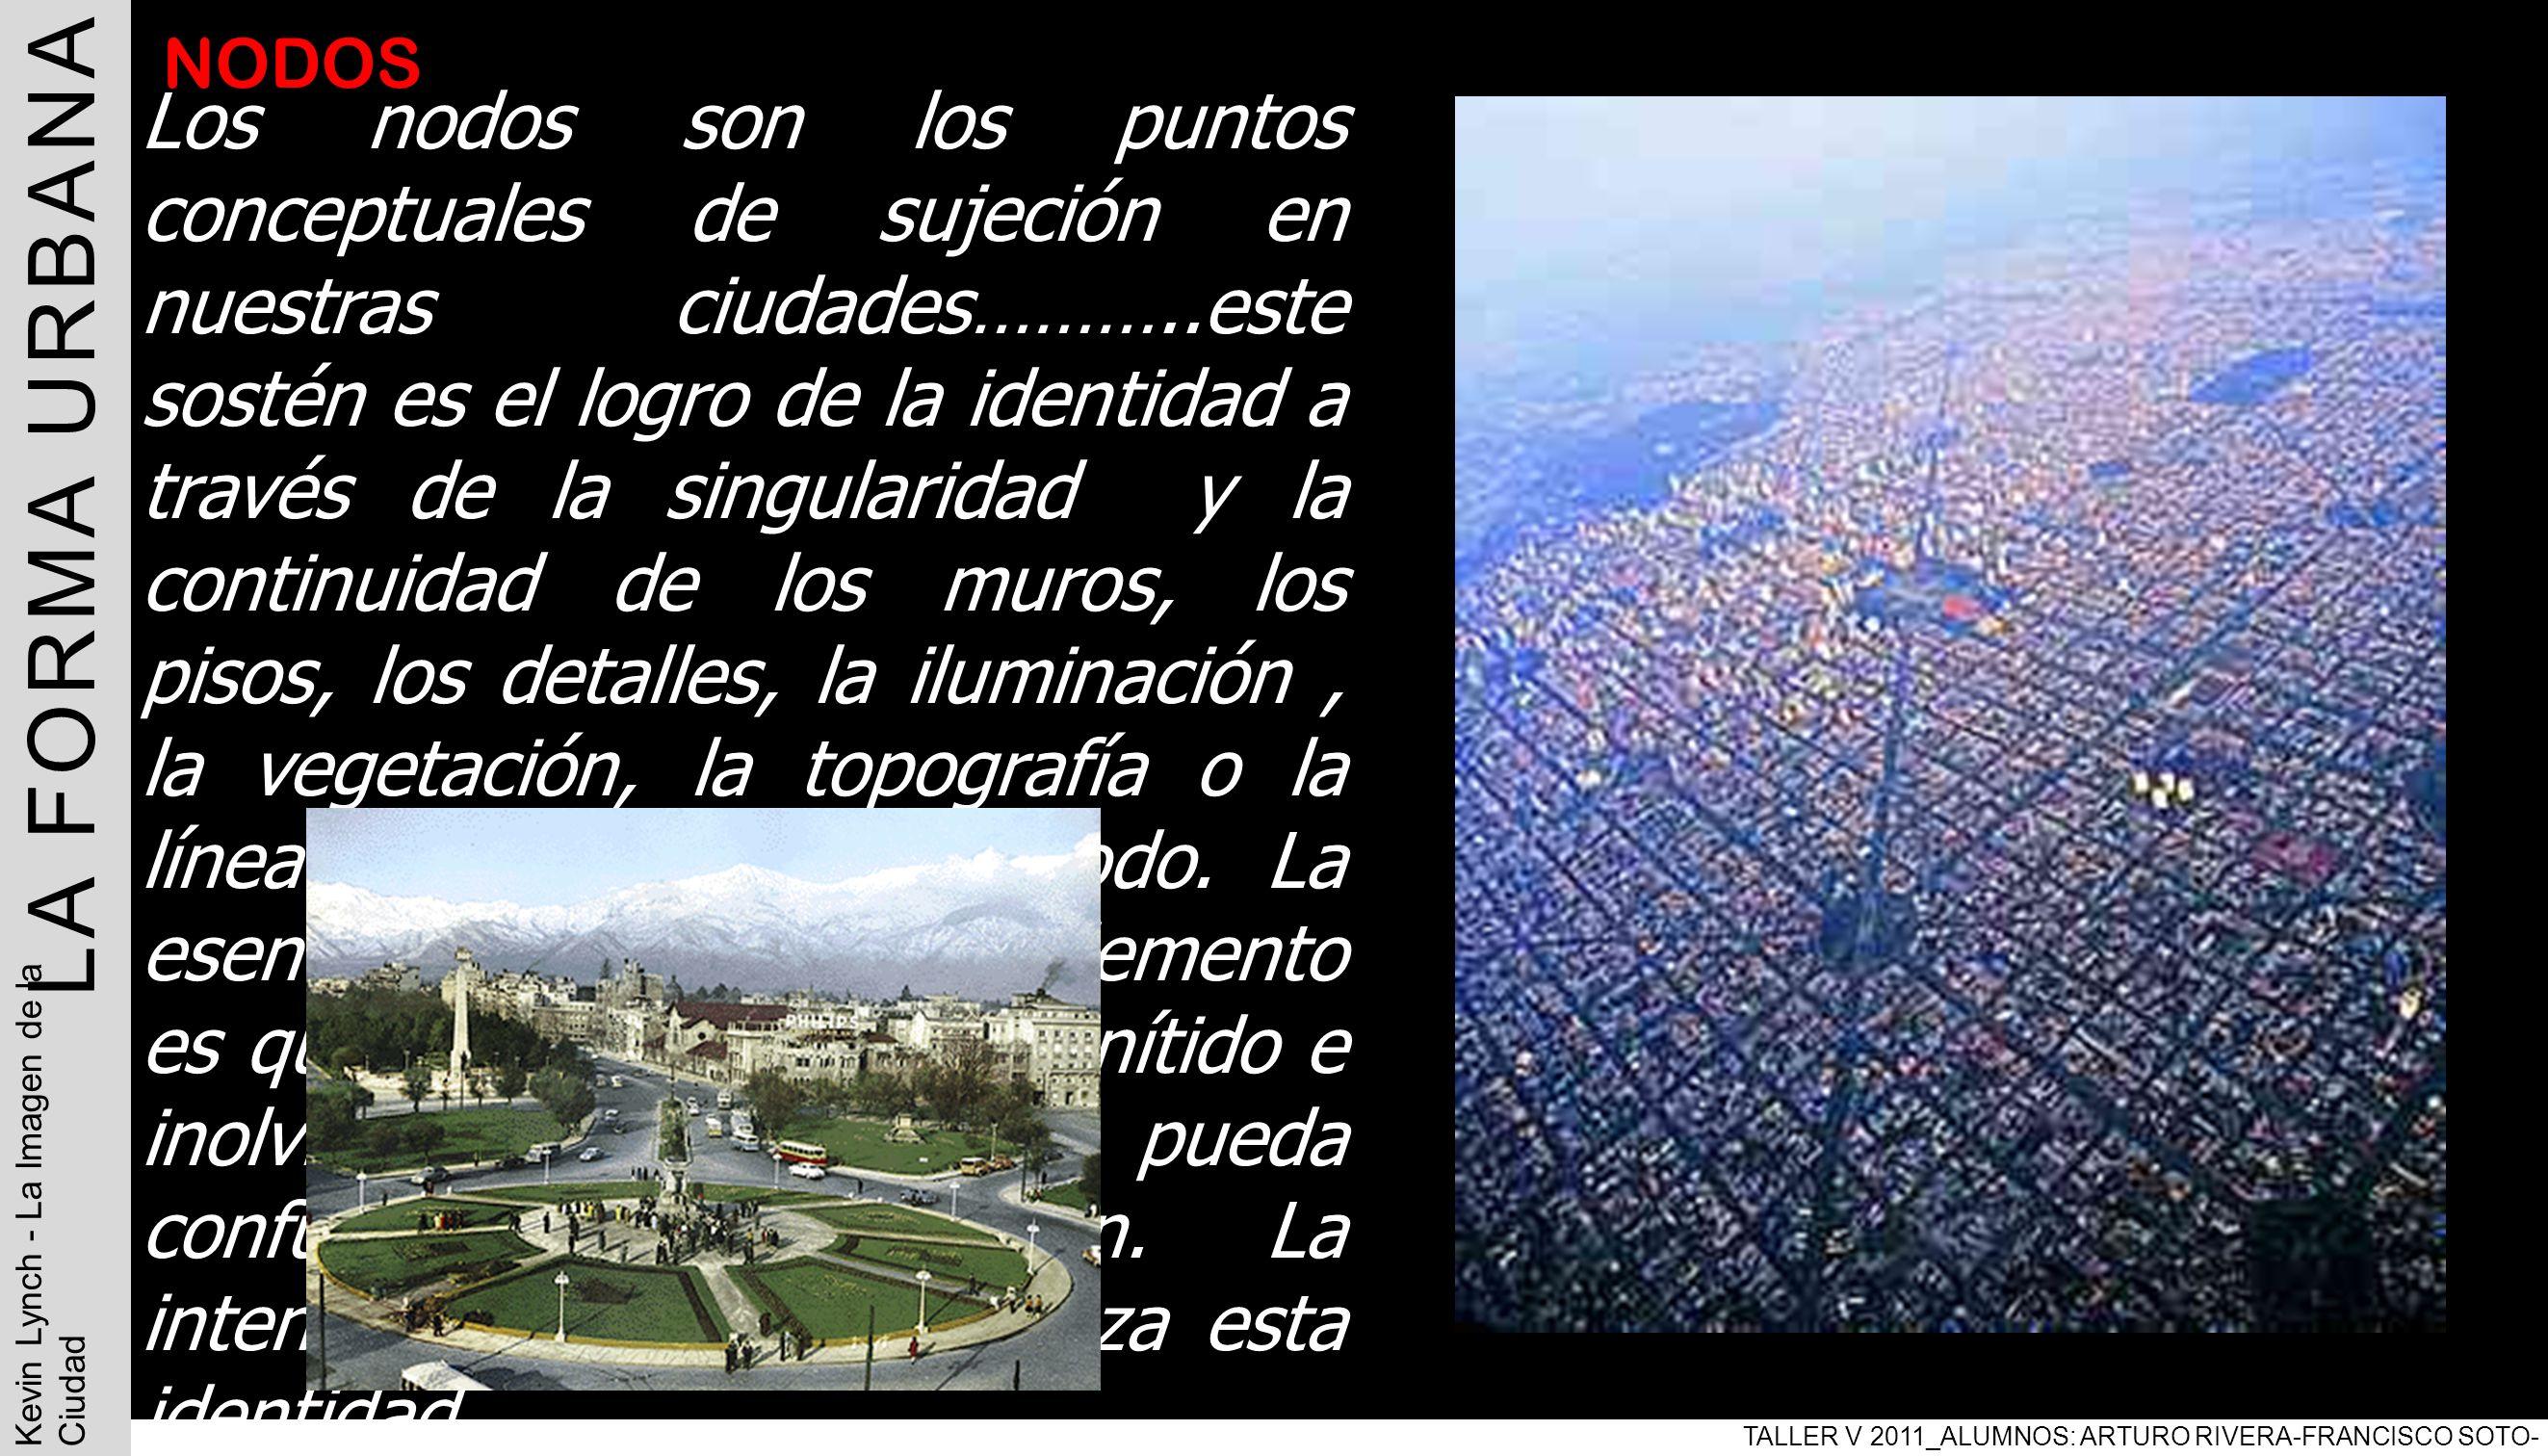 LA FORMA URBANA TALLER V 2011_ALUMNOS: ARTURO RIVERA-FRANCISCO SOTO- PABLO ARAVENA Kevin Lynch - La Imagen de la Ciudad NODOS Los nodos son los puntos